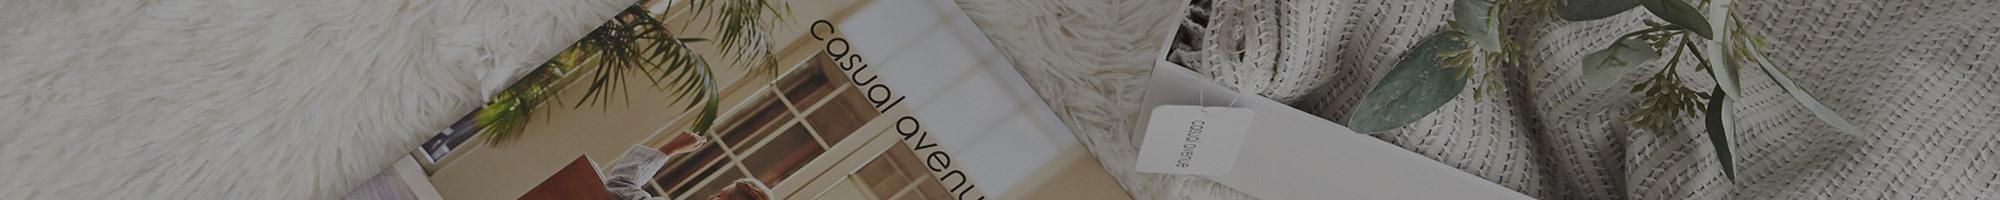 터키 천연코튼을 사용한 캐쥬얼애비뉴 베딩